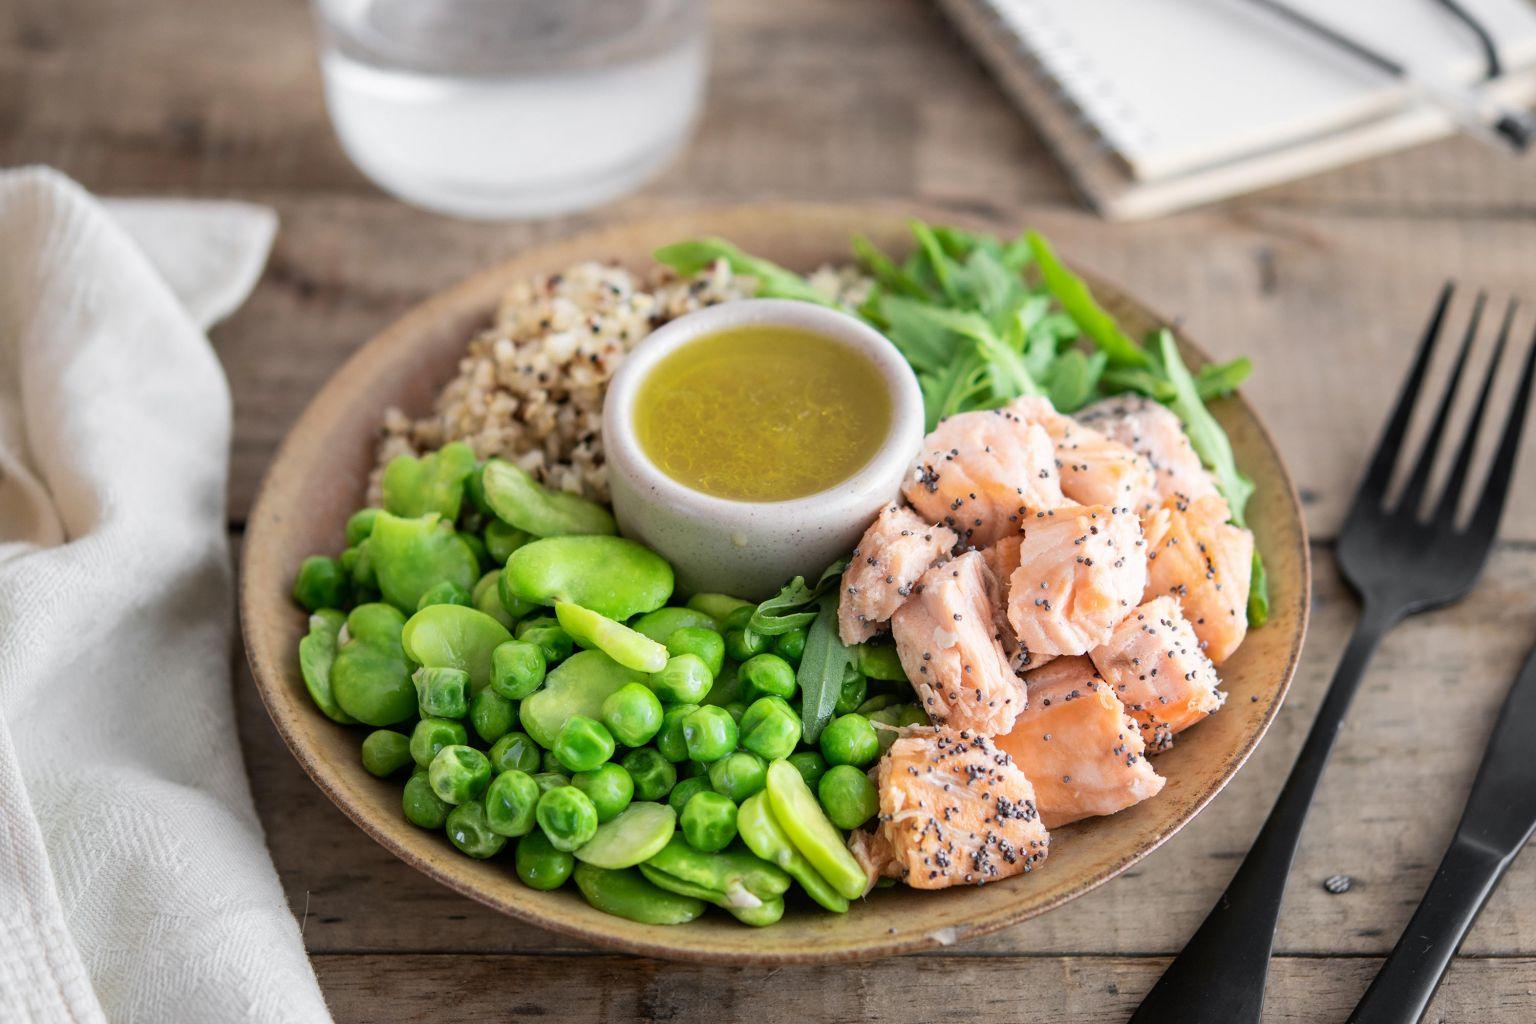 Salade de saumon au pavot, boulgour, quinoa rouge, fèves édamamé, petits pois, sauce citron